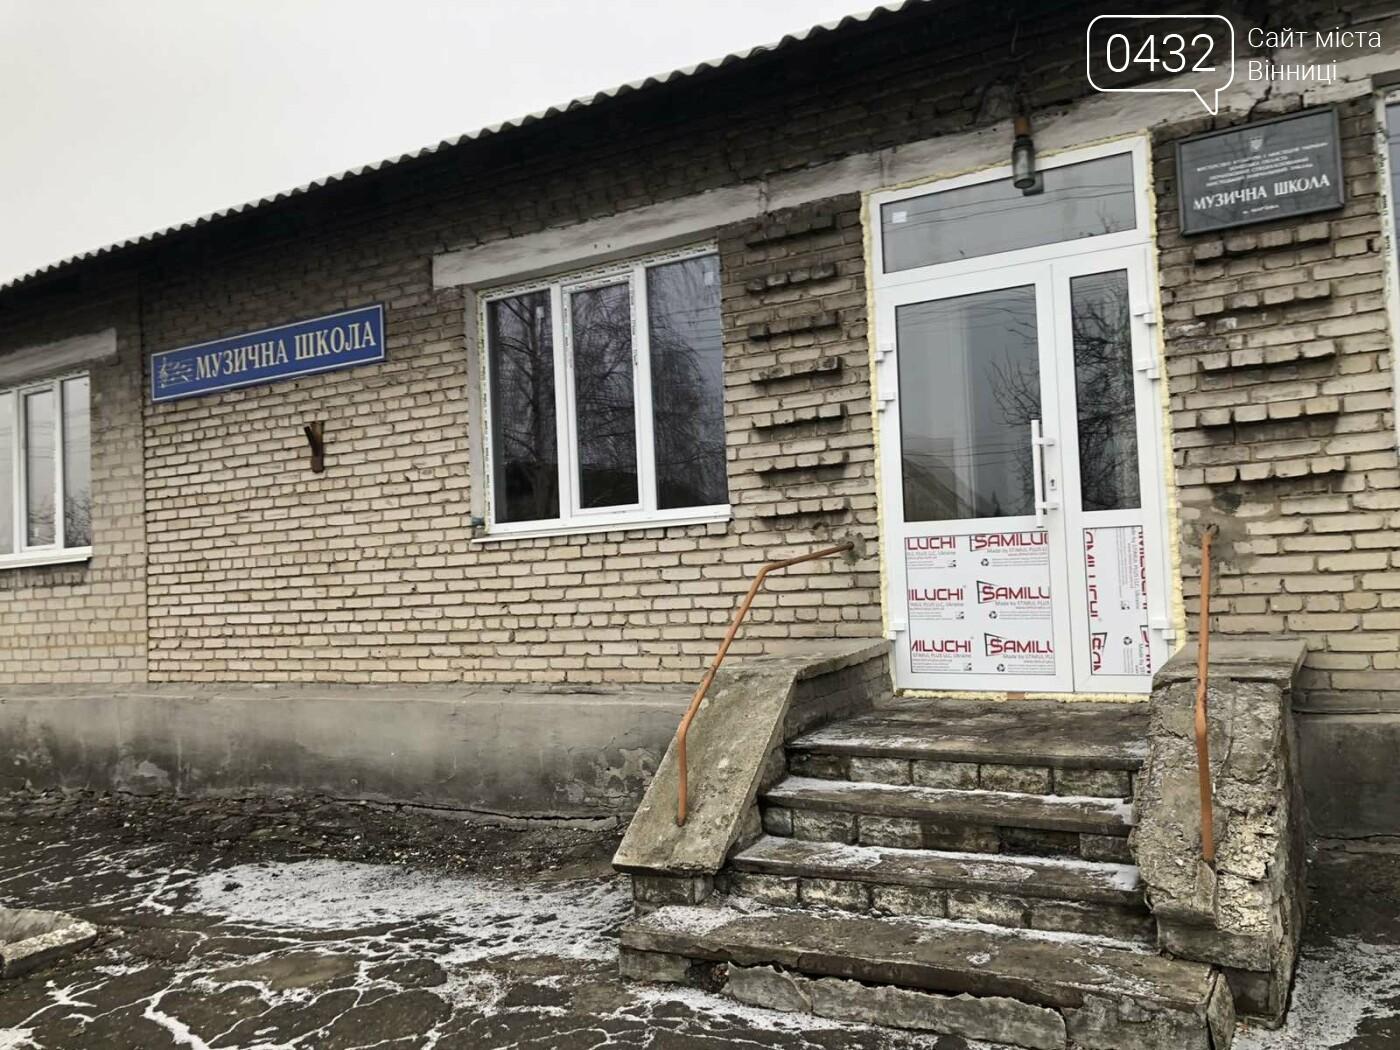 Праздничное чудо: «АТБ» помогает тысячам украинских семей удивить ребенка в день Святого Николая, фото-6